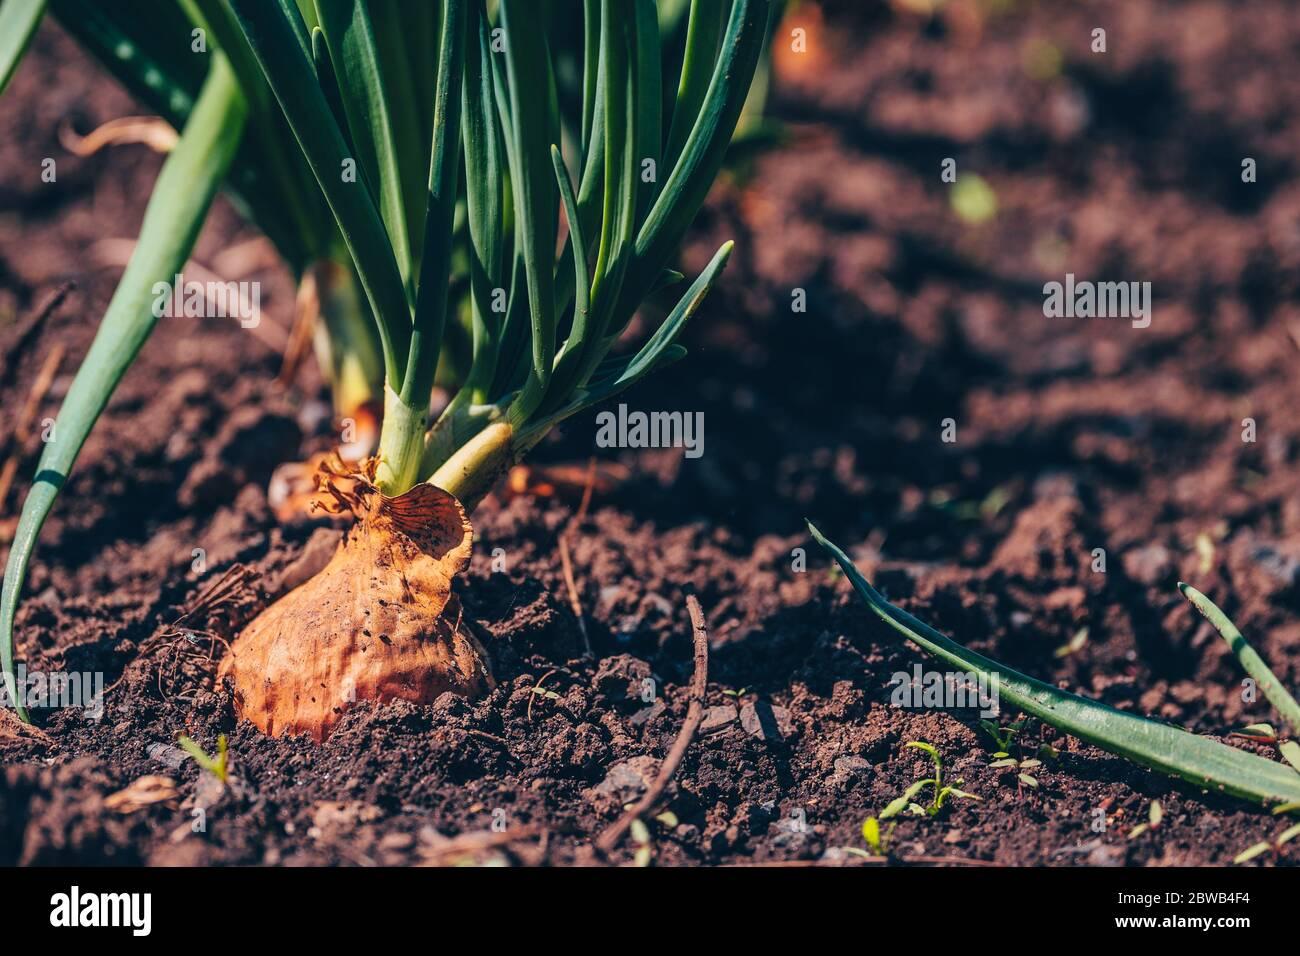 Nahaufnahme der wachsenden Zwiebel im Garten. Blühende Zwiebel im Boden. Konzept des Raumes für Ihren Text. Stockfoto